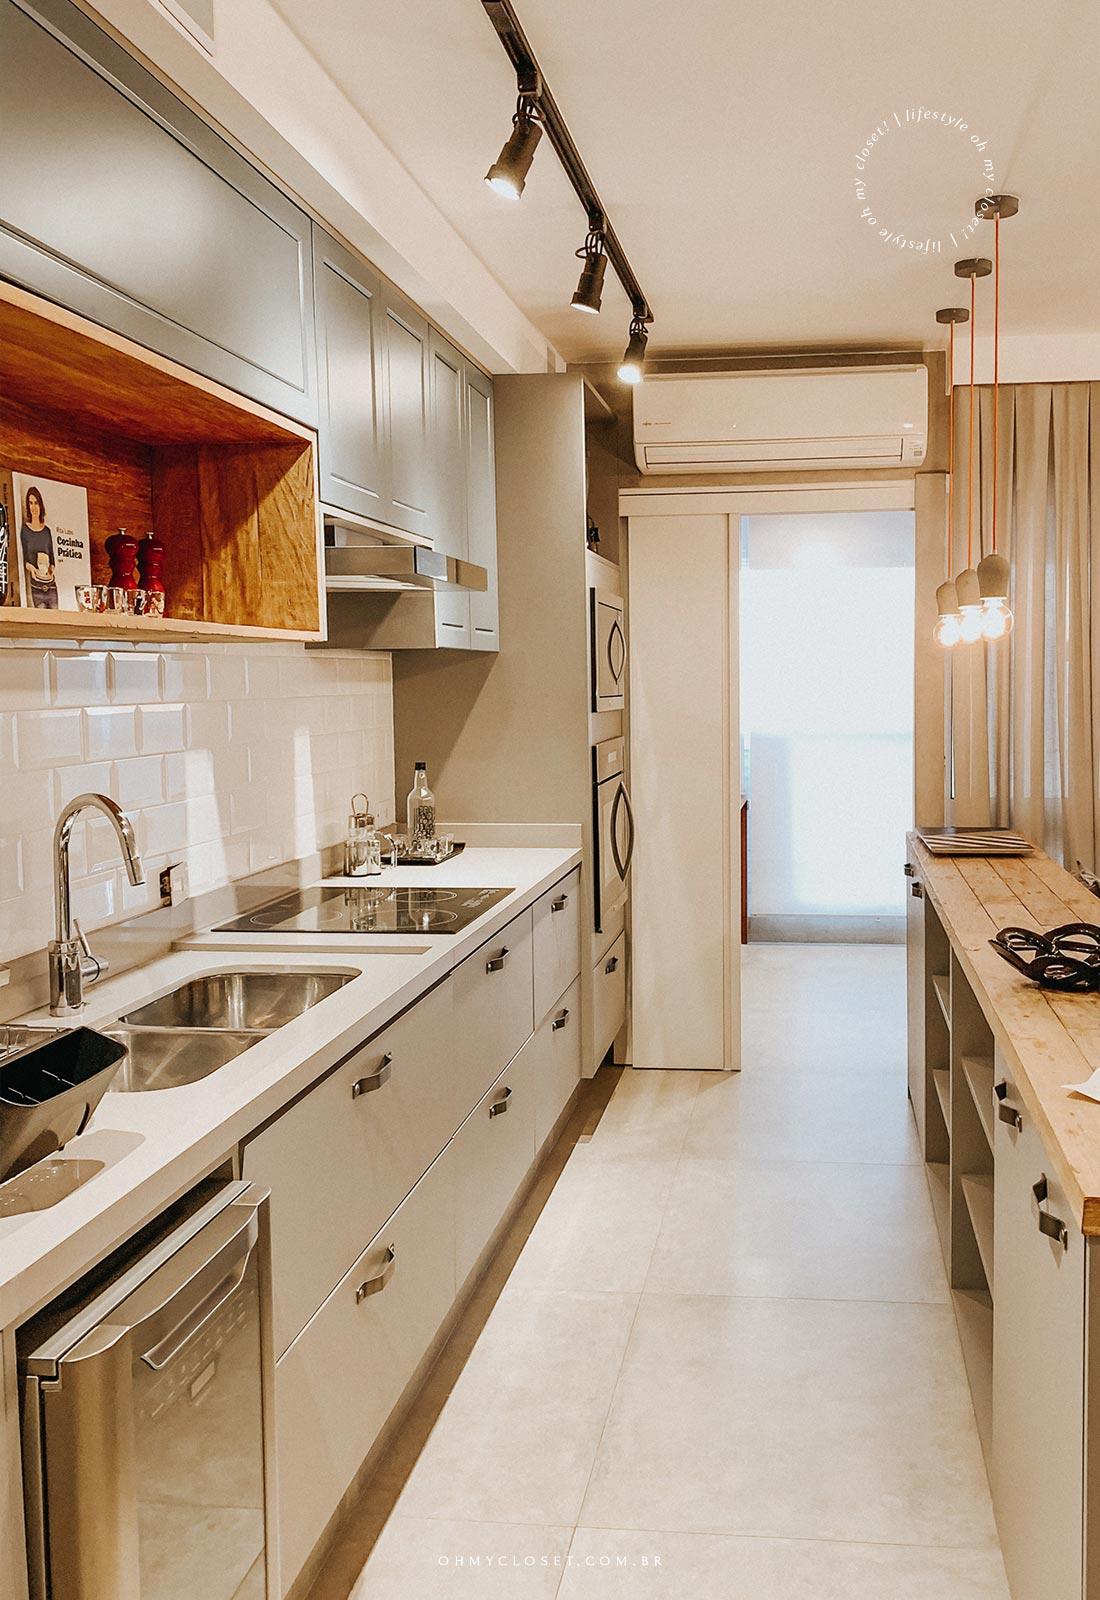 Cozinha completa, utensílios Electrolux, apartamento DNA Pinheiros.